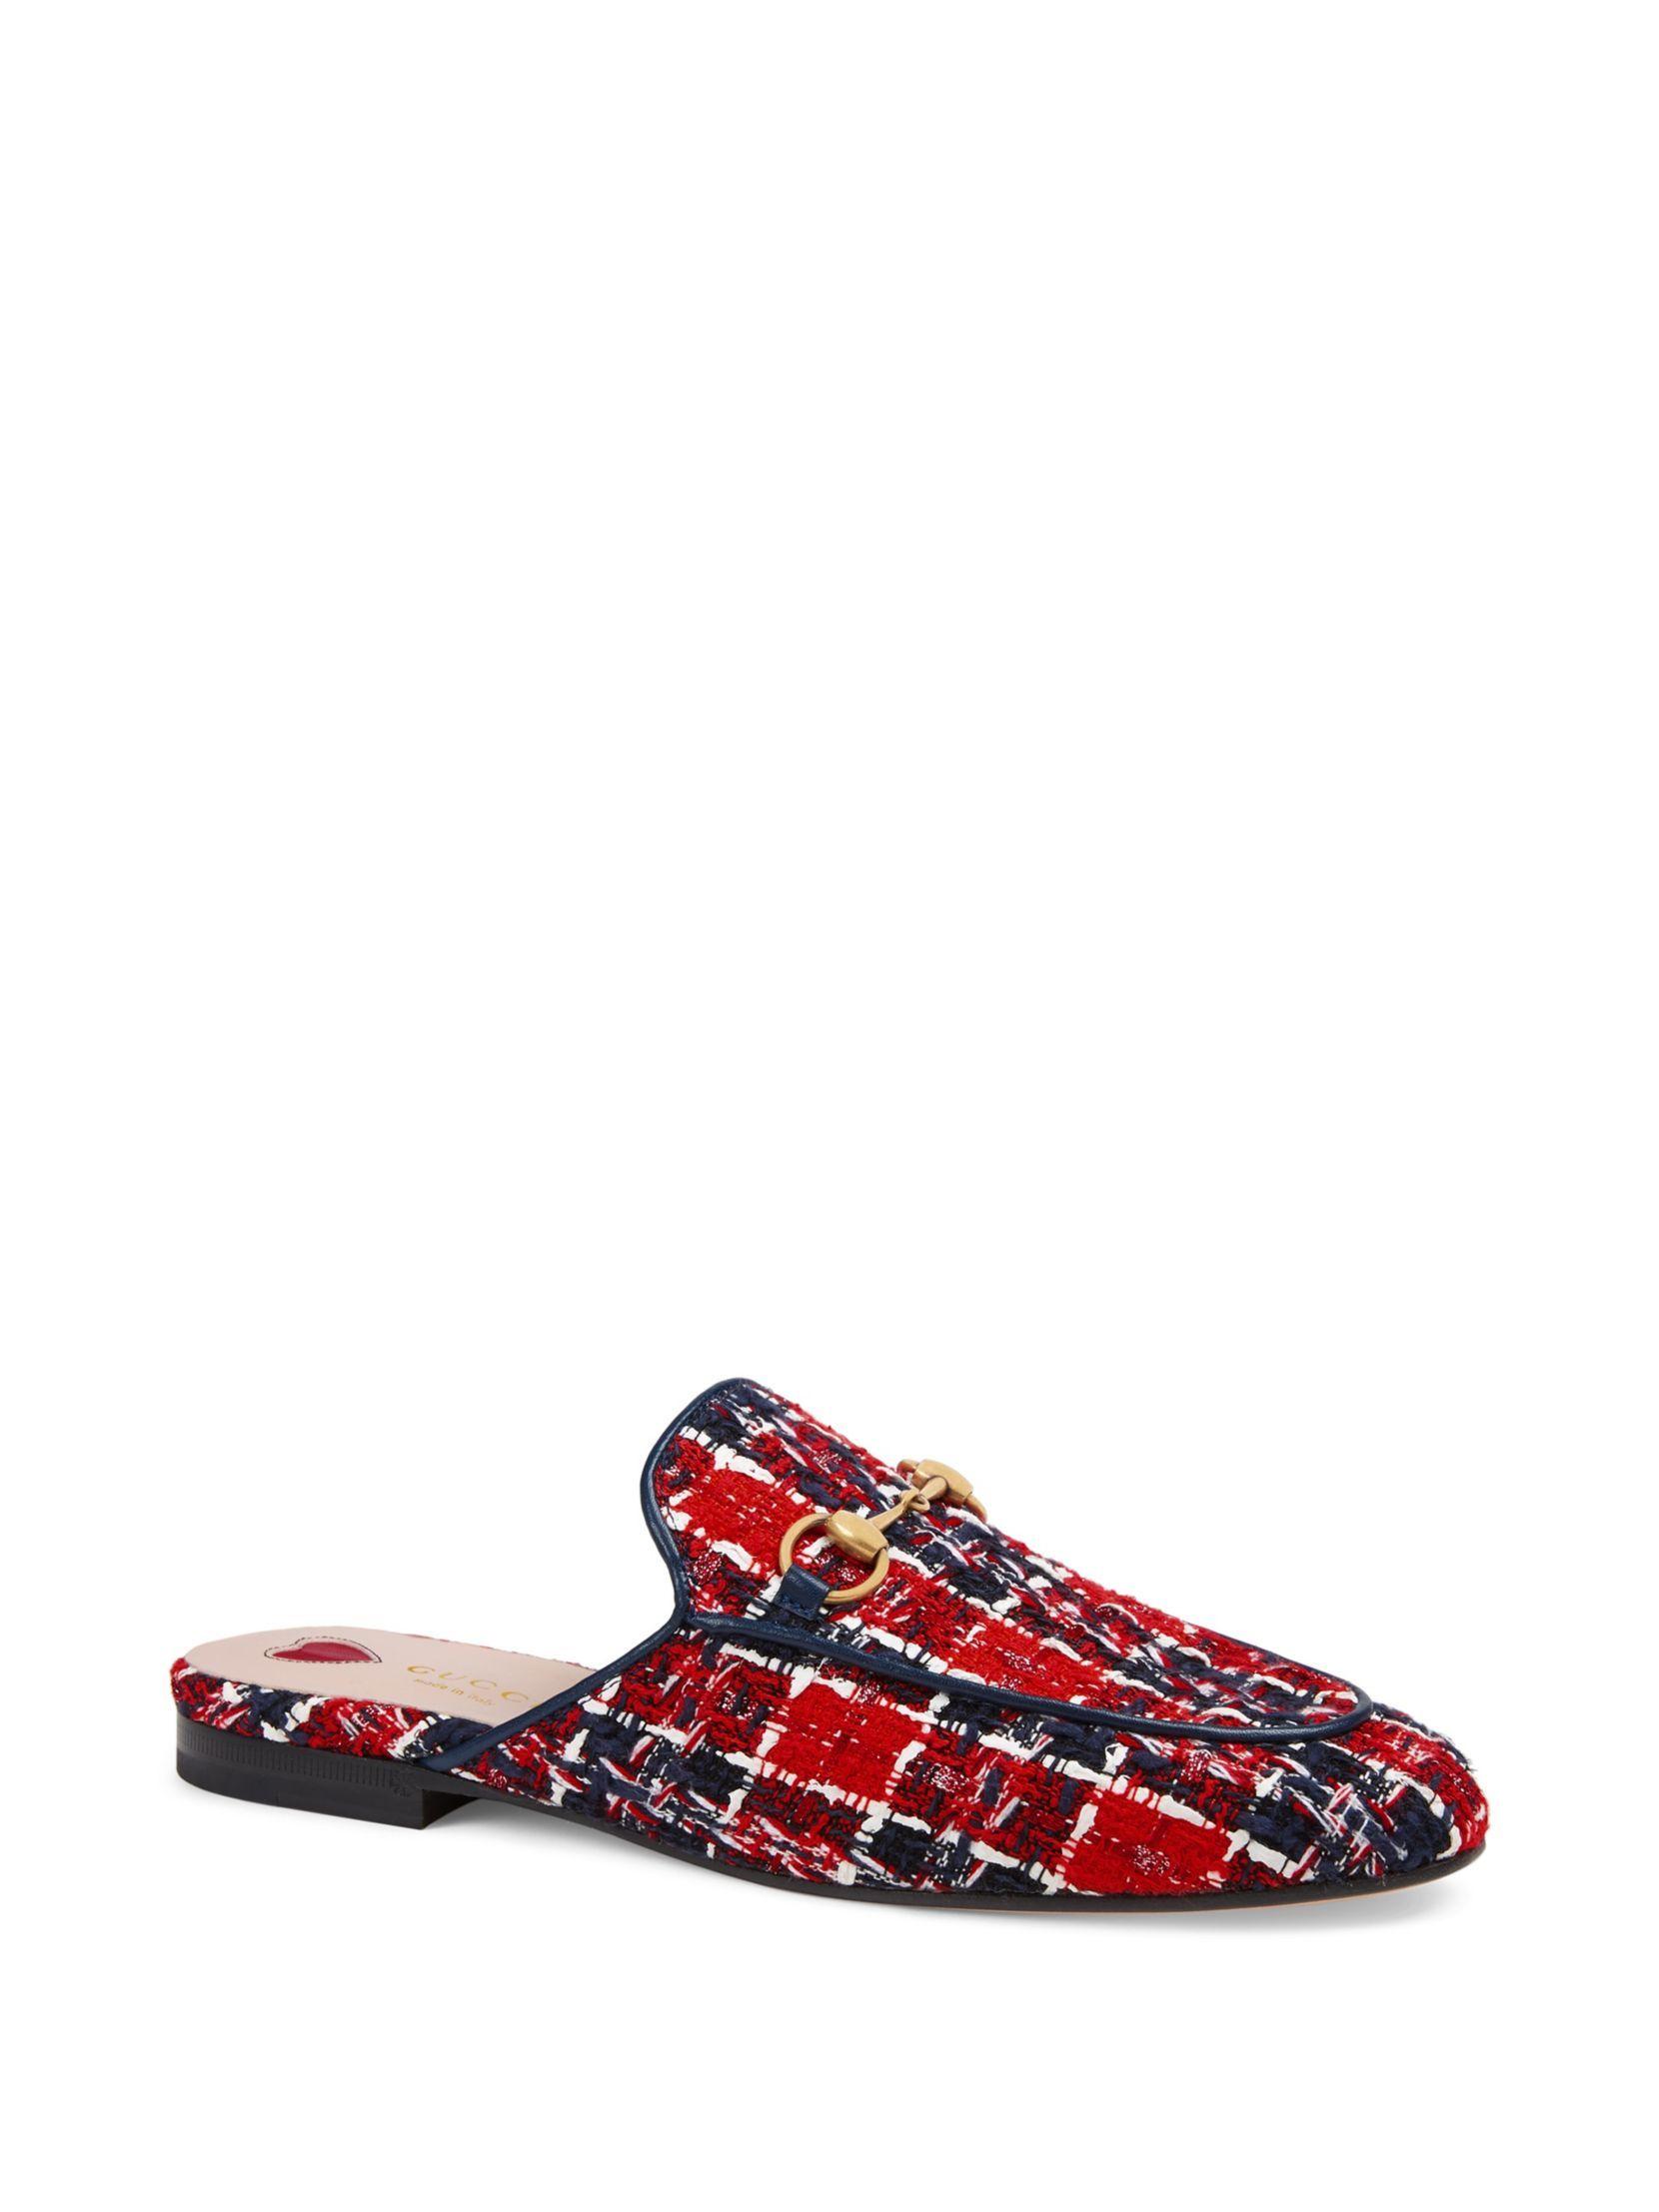 389d071bfc0 Gucci Princetown Tweed Slides